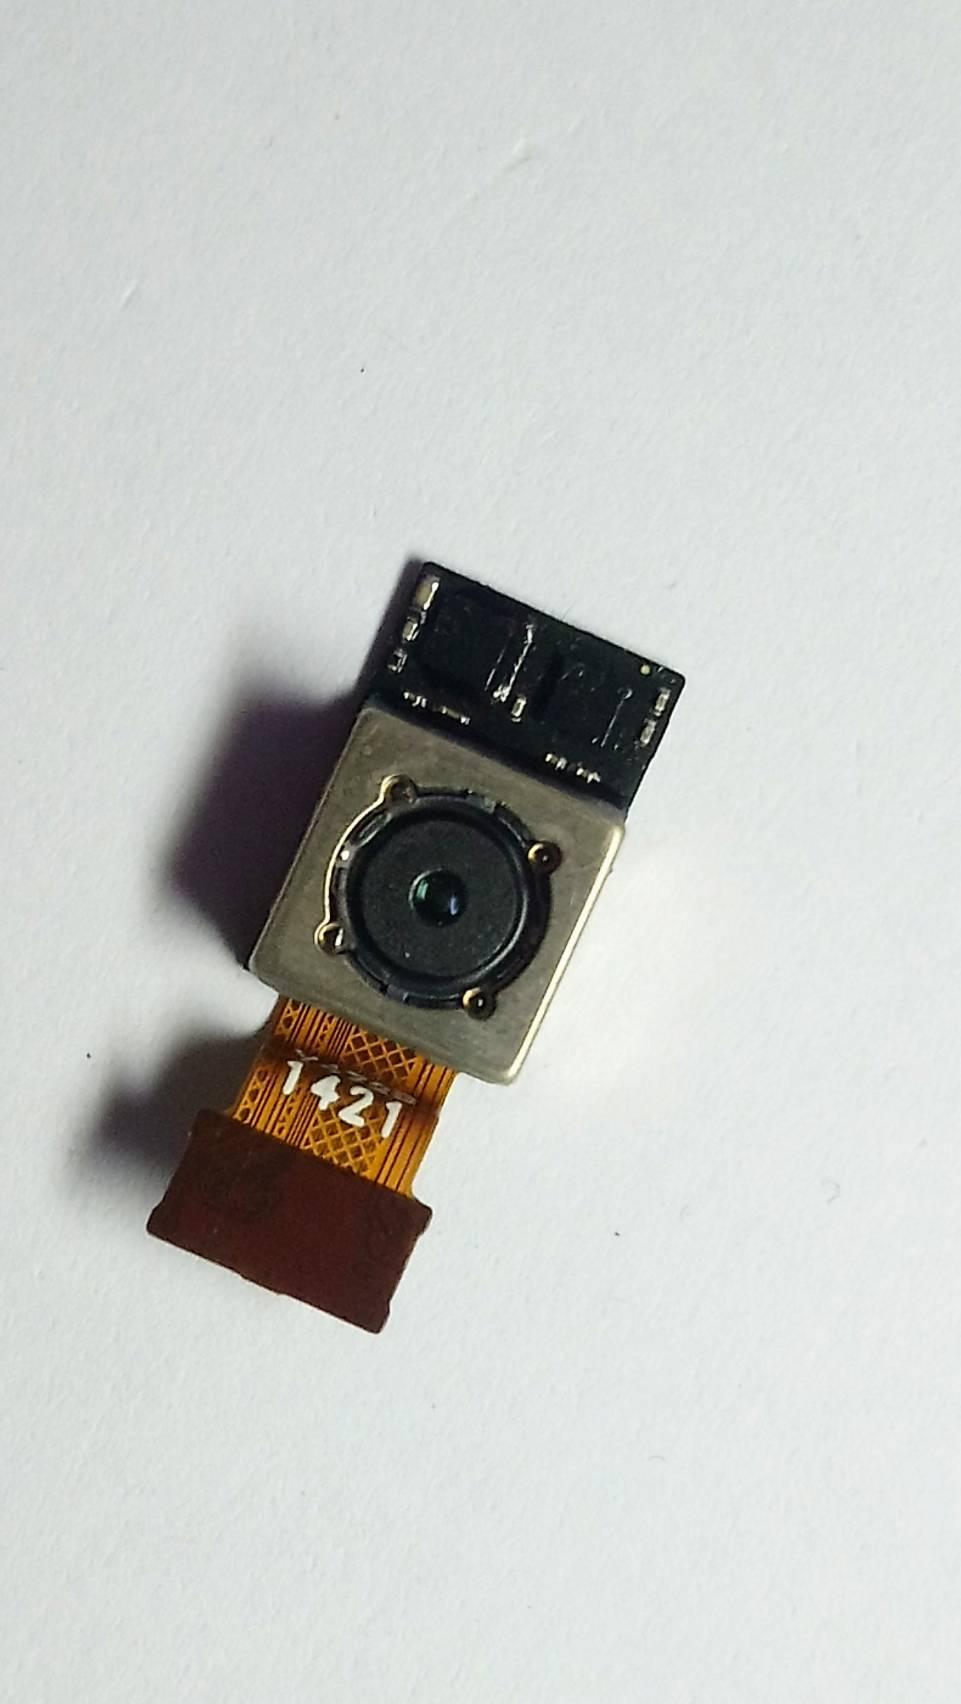 กล้องหลัง LG G3 D855 มือสอง